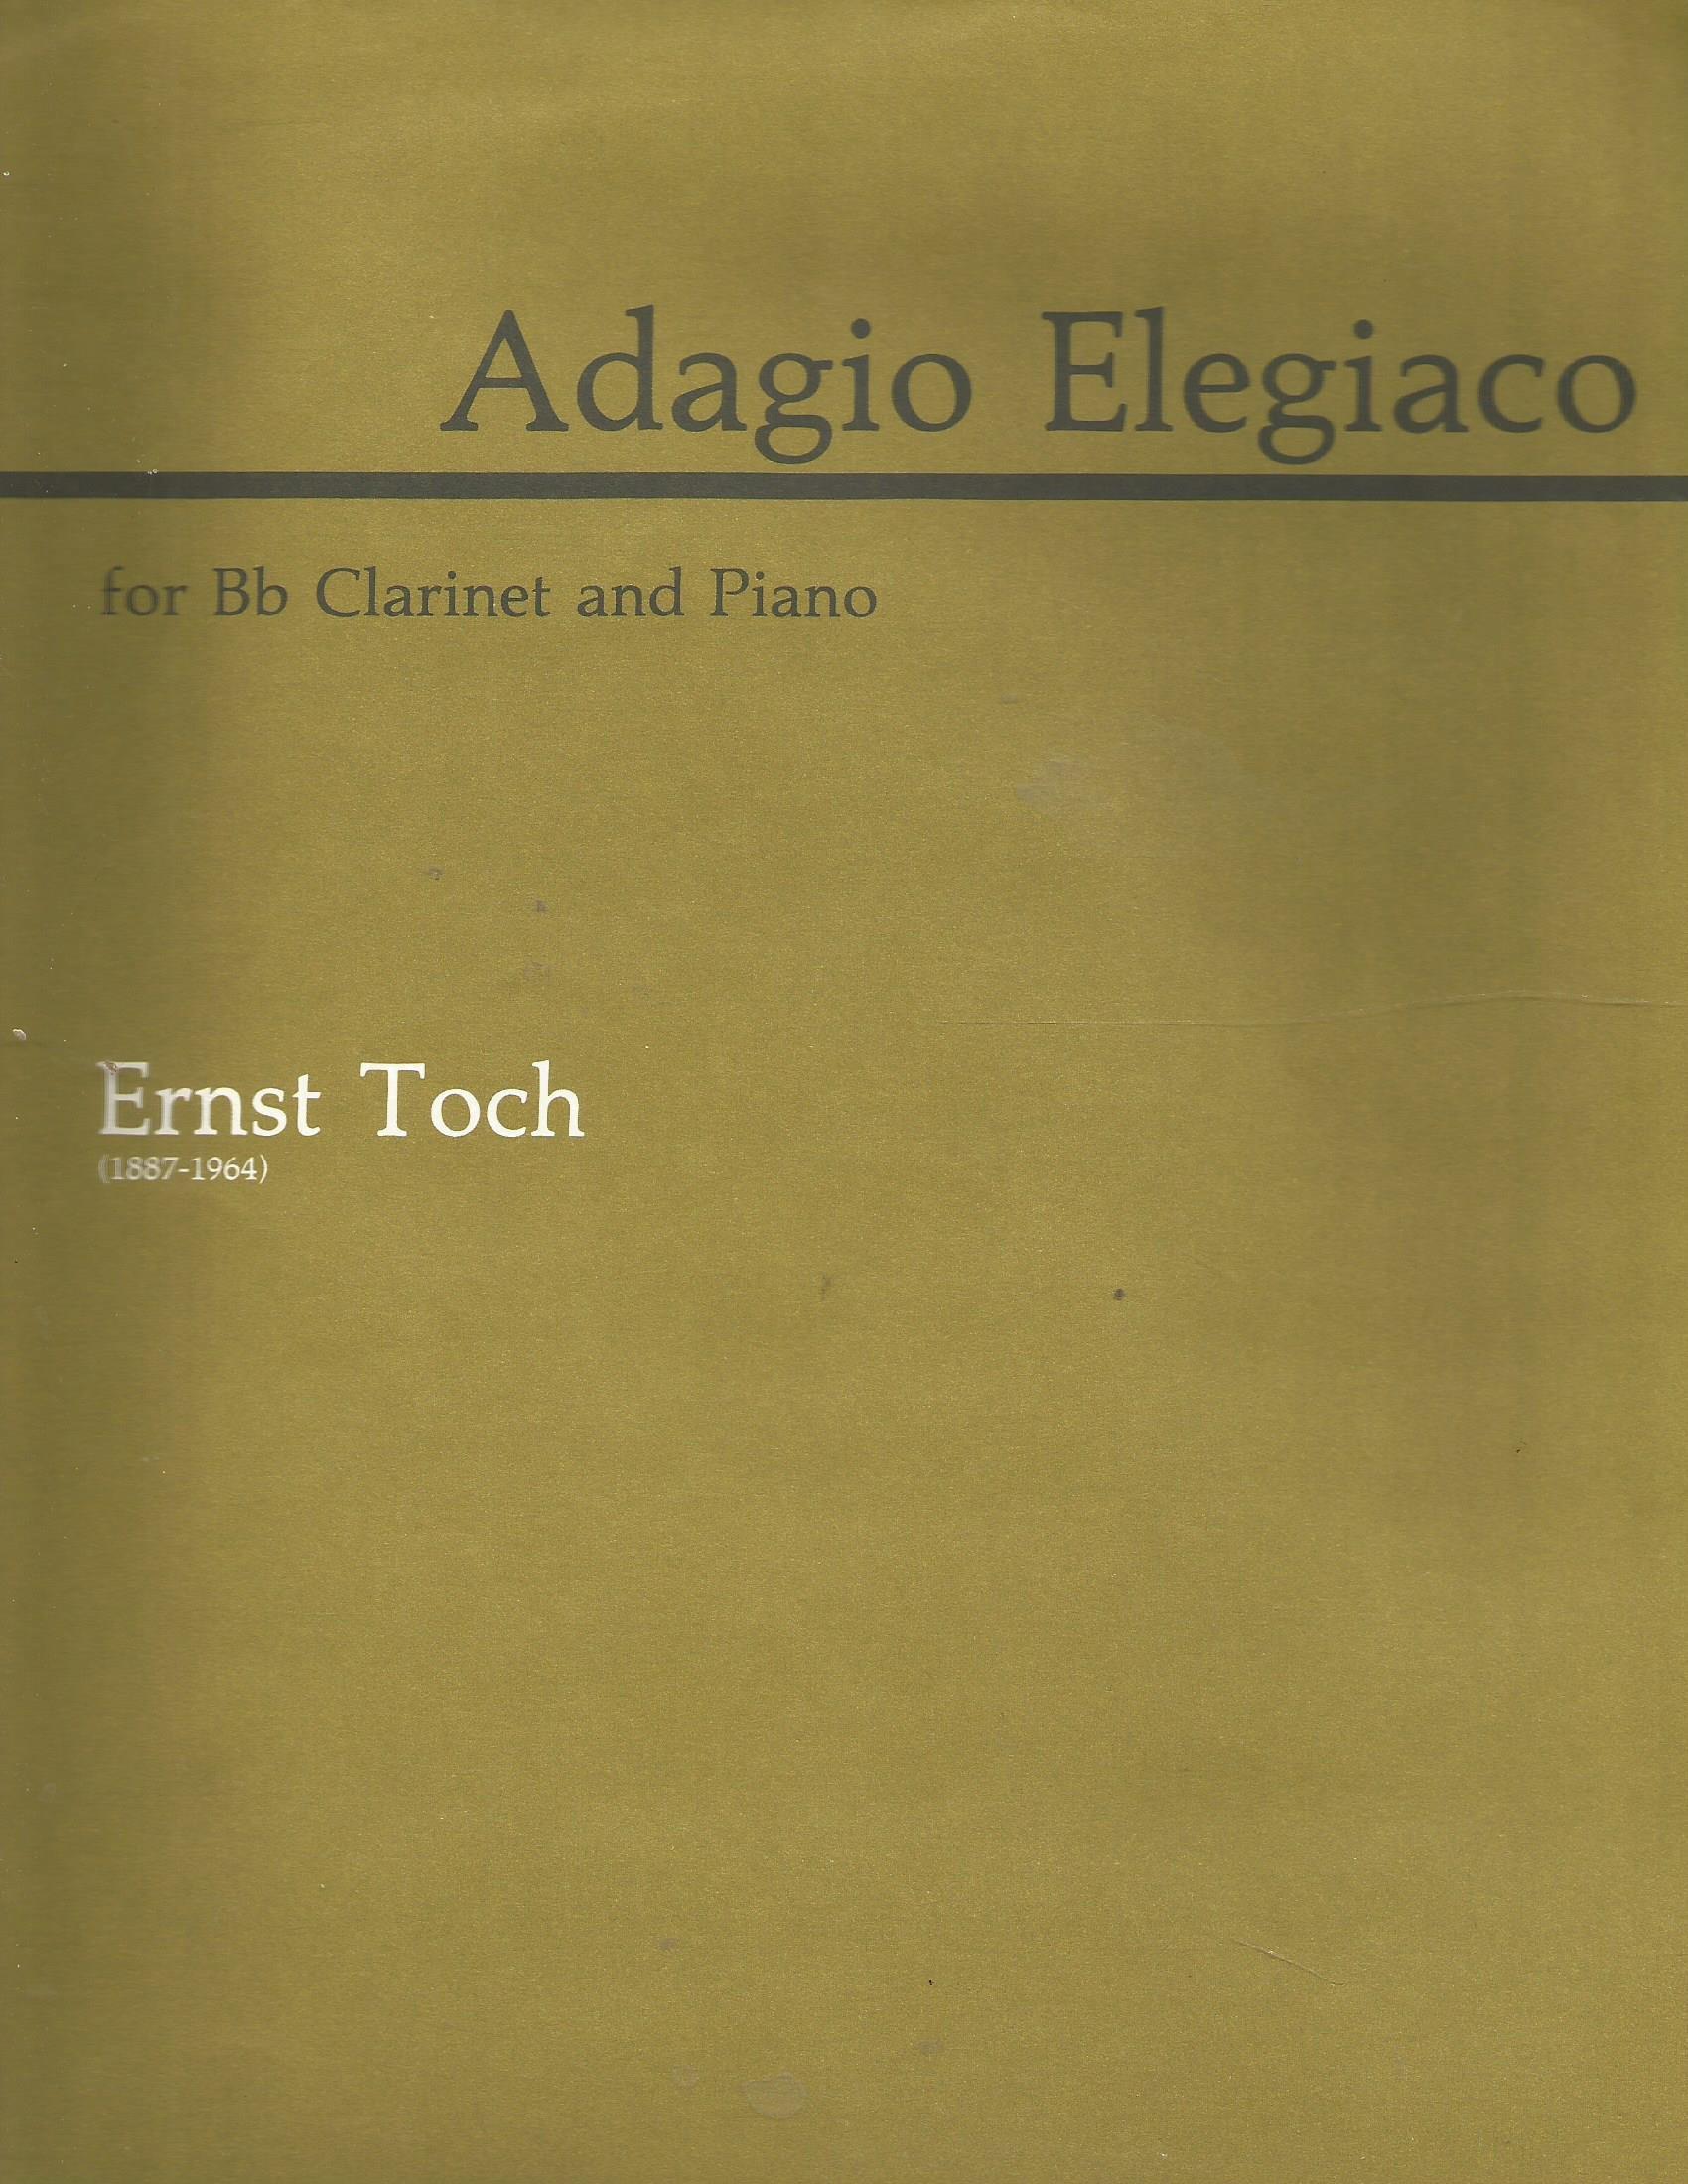 Download Adagio Elegiaco ebook